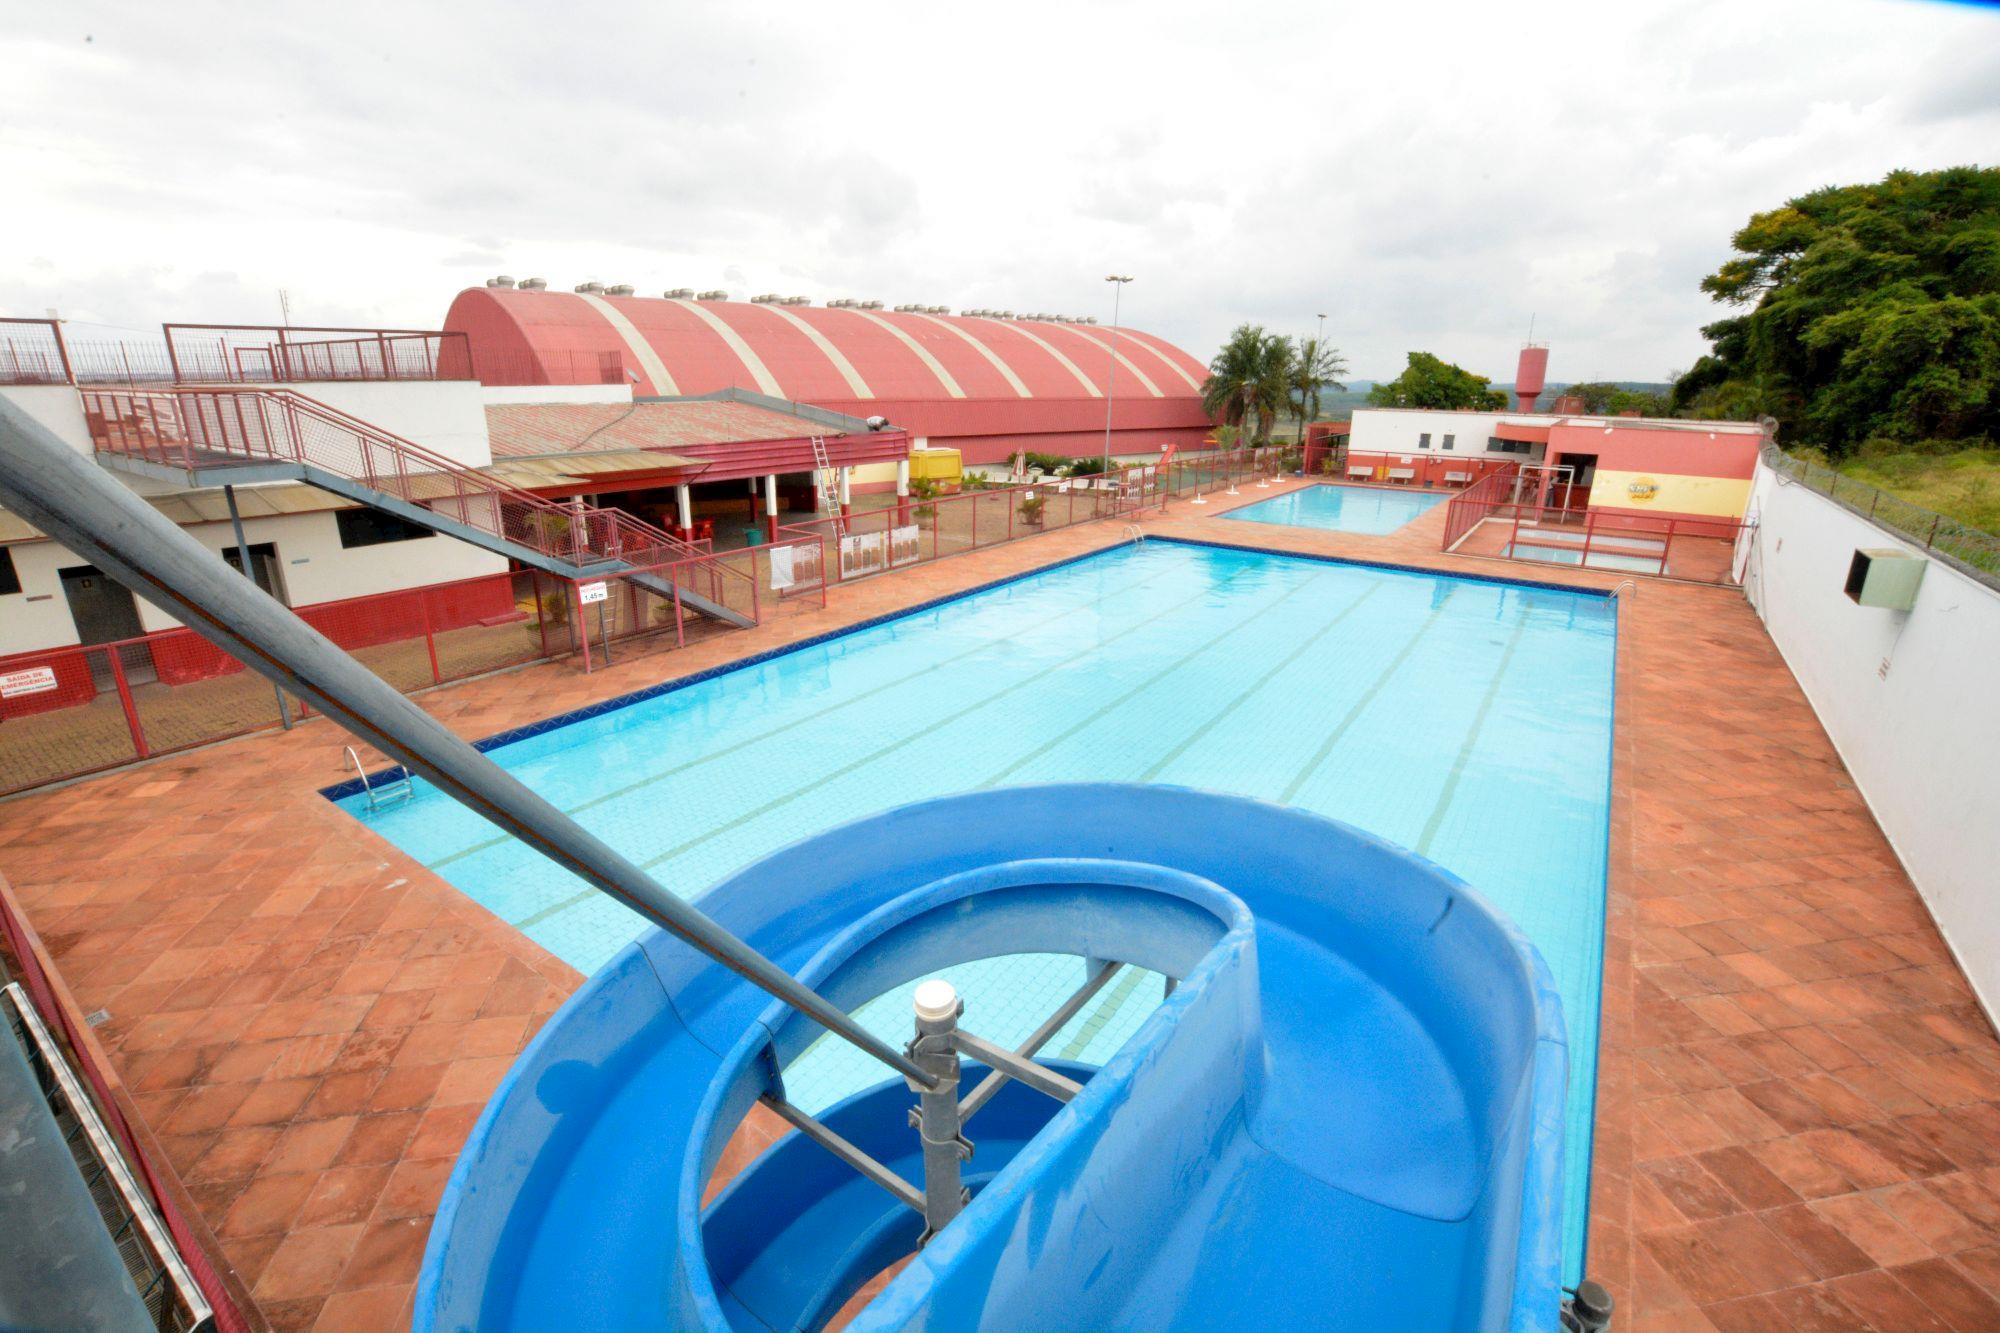 piscinas, clube, campo, férias, Foguinho / Imprensa SMetal